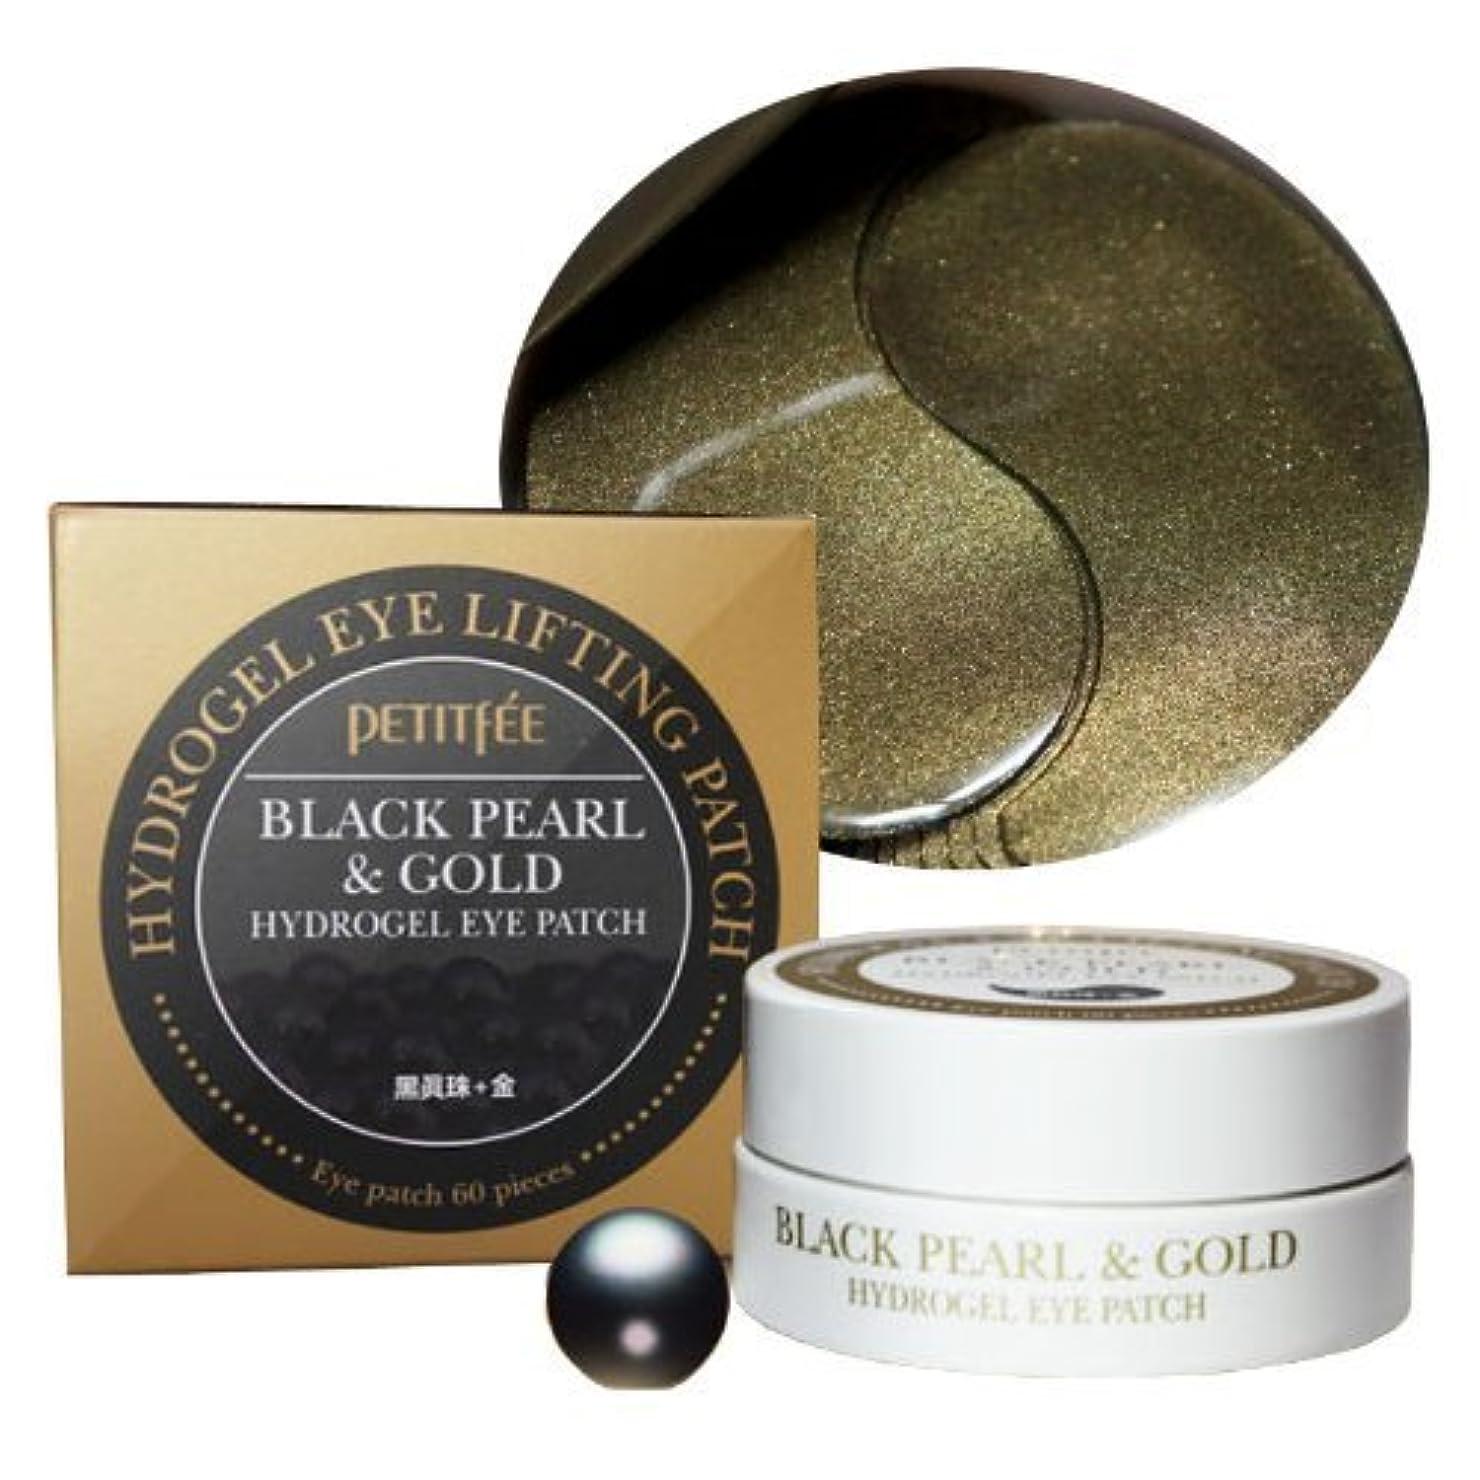 虎グローバル考え*Petitfee* Blackpearl&gold Hydrogel Eyepatch. Eye Patch60ea